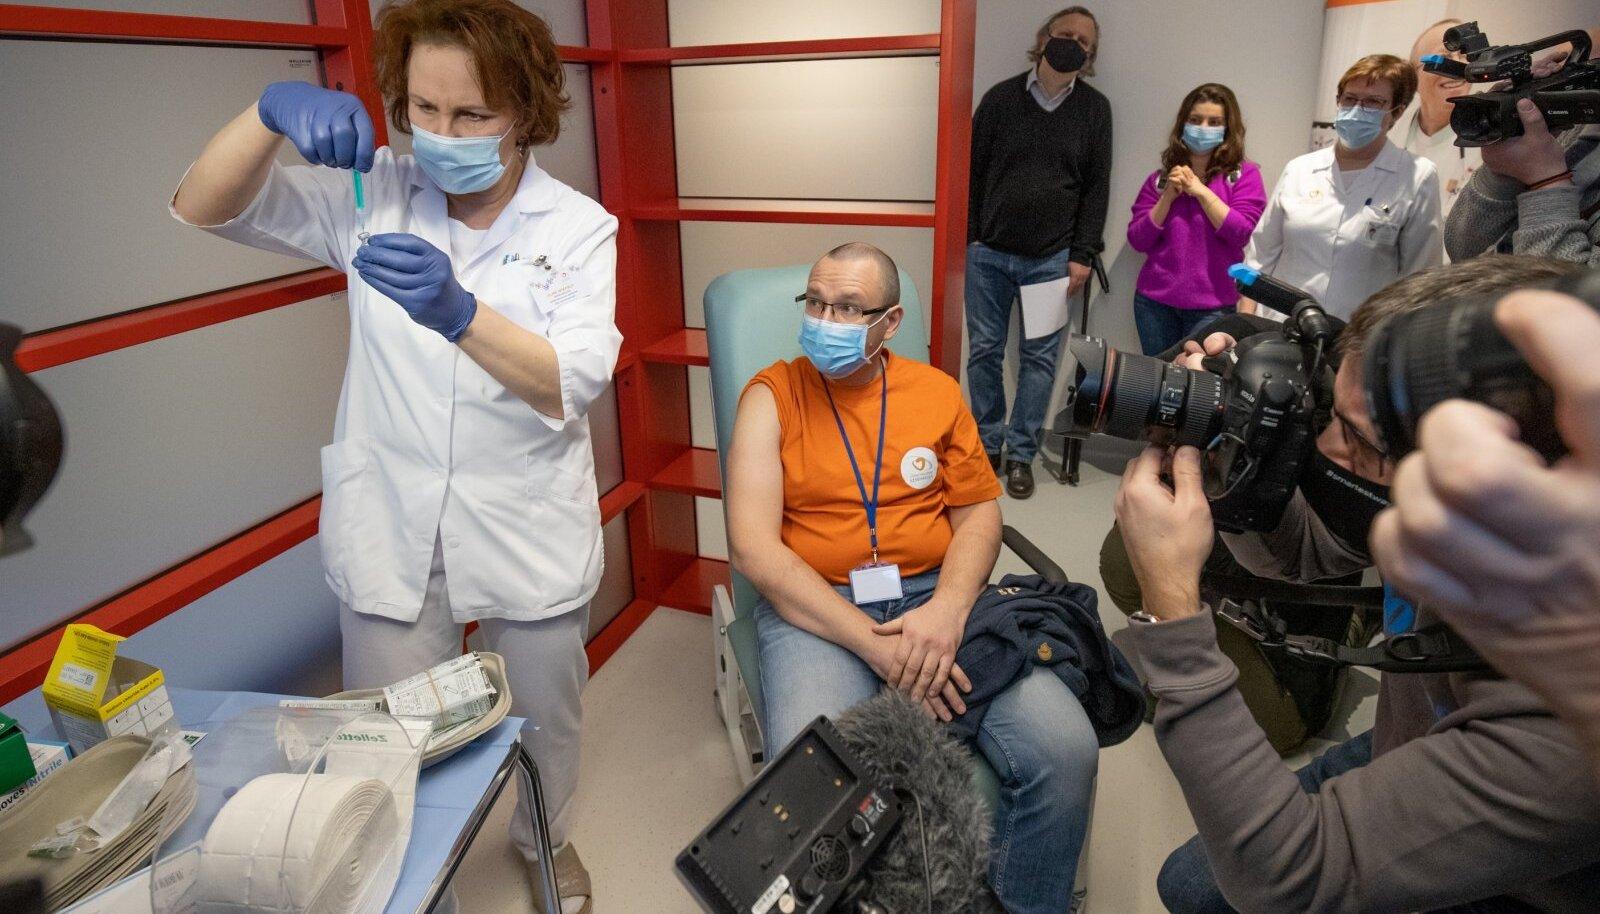 Eile Lääne-Tallinna keskhaiglas ühe esimesena kaitsesüsti saanud dr Arkadi Popov ütles, et koroonavaktsiin on üks leebemaid, mida tema on saanud.